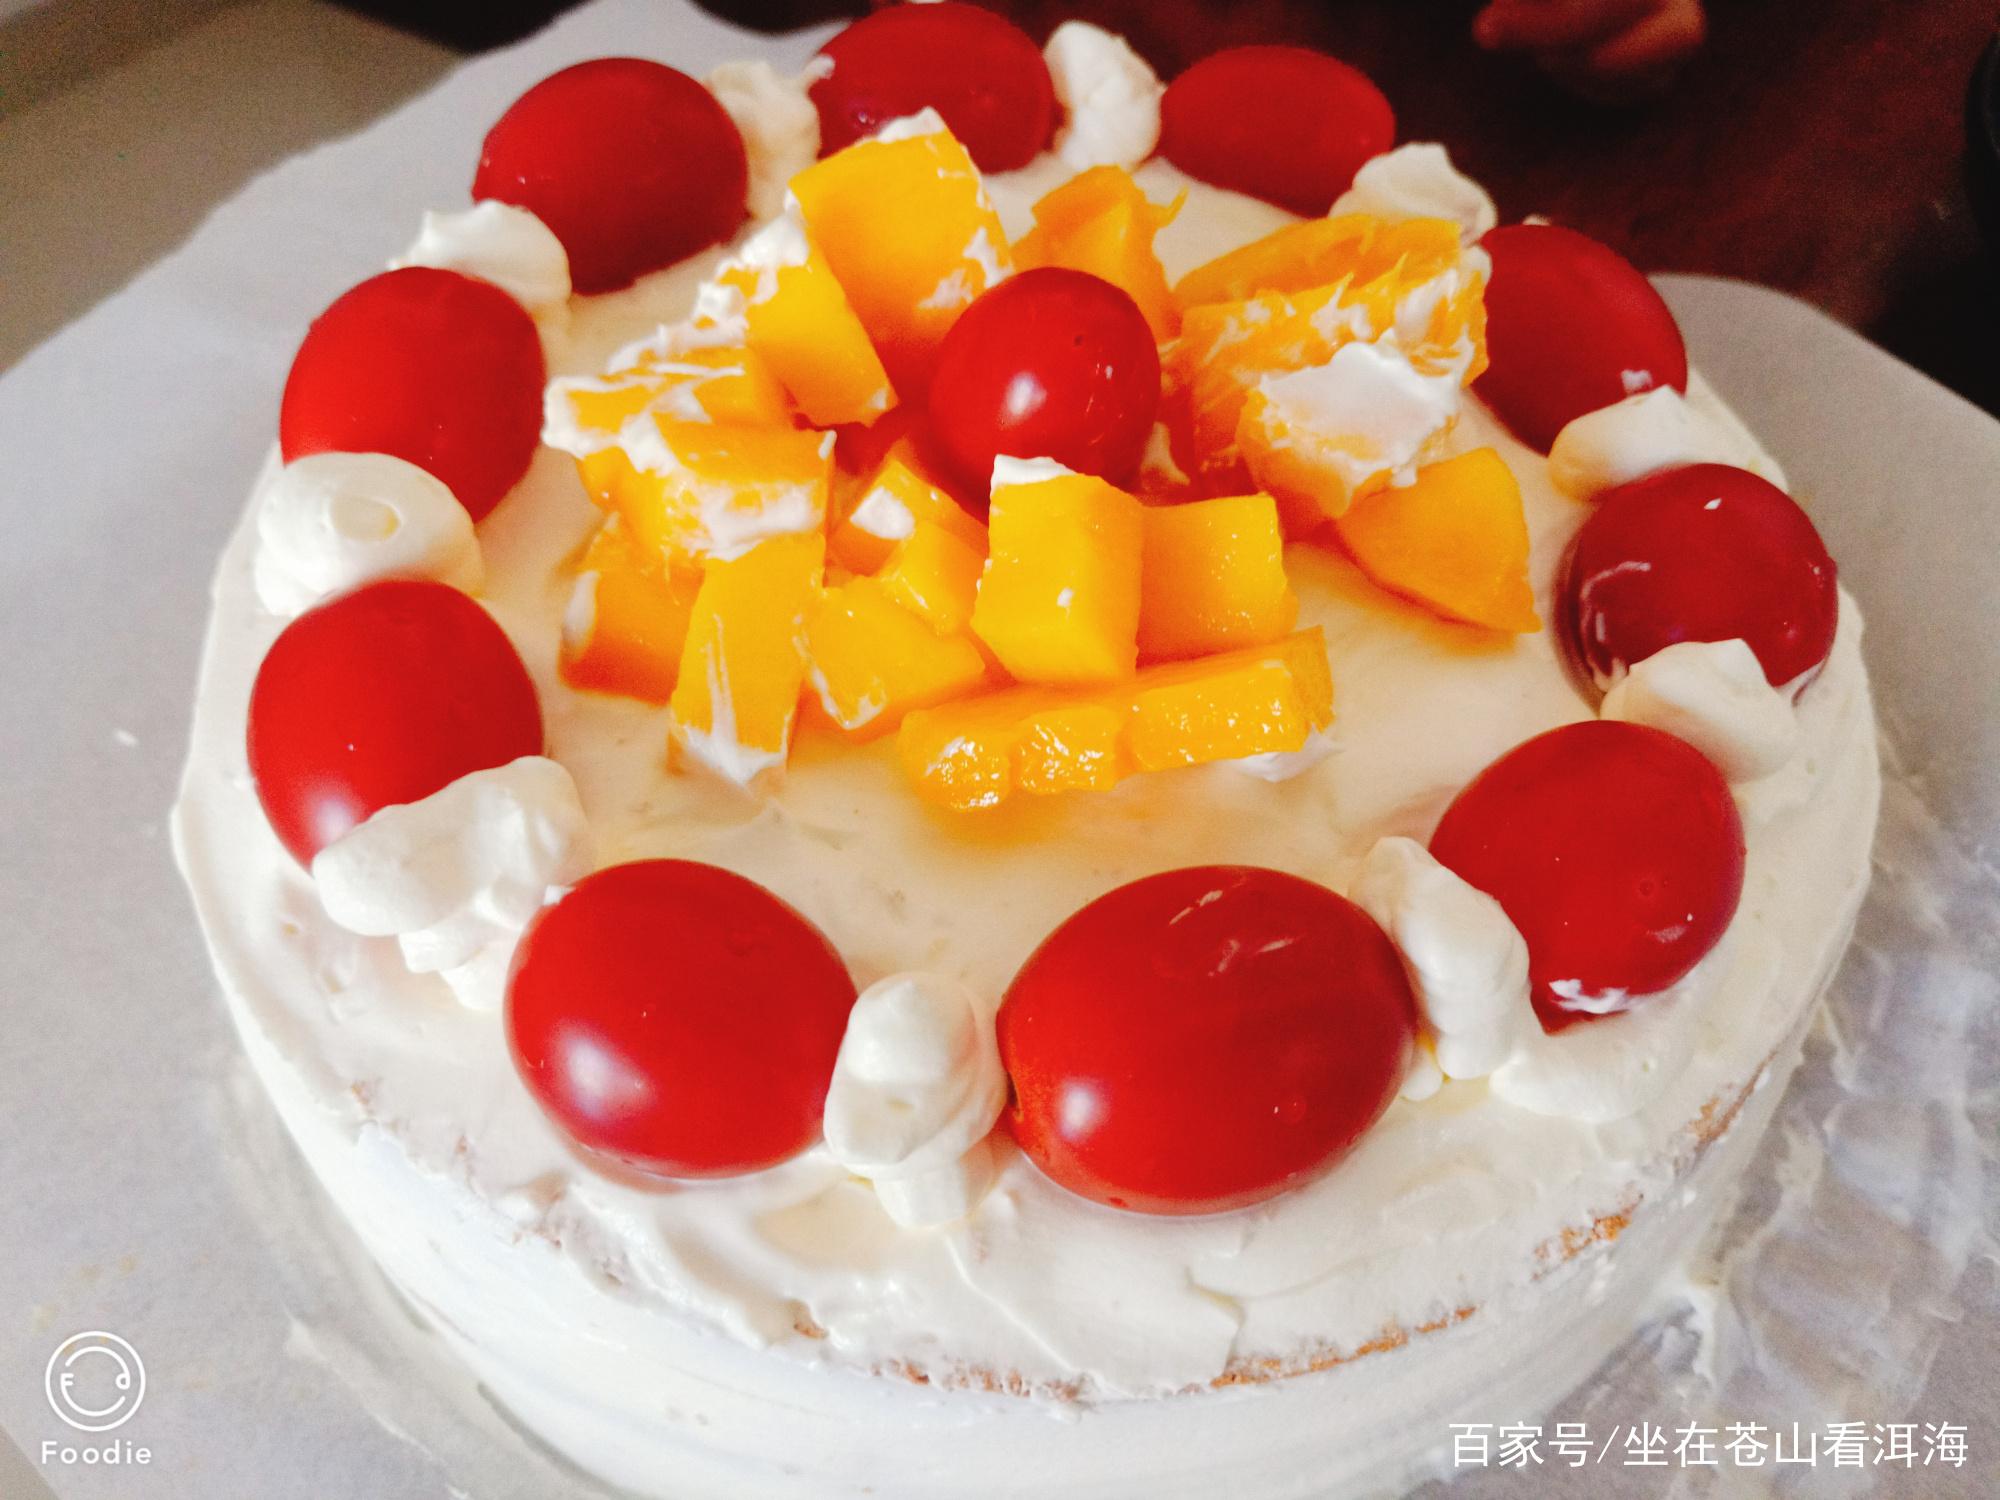 生日蛋糕制作 _ 如何打发蛋清!